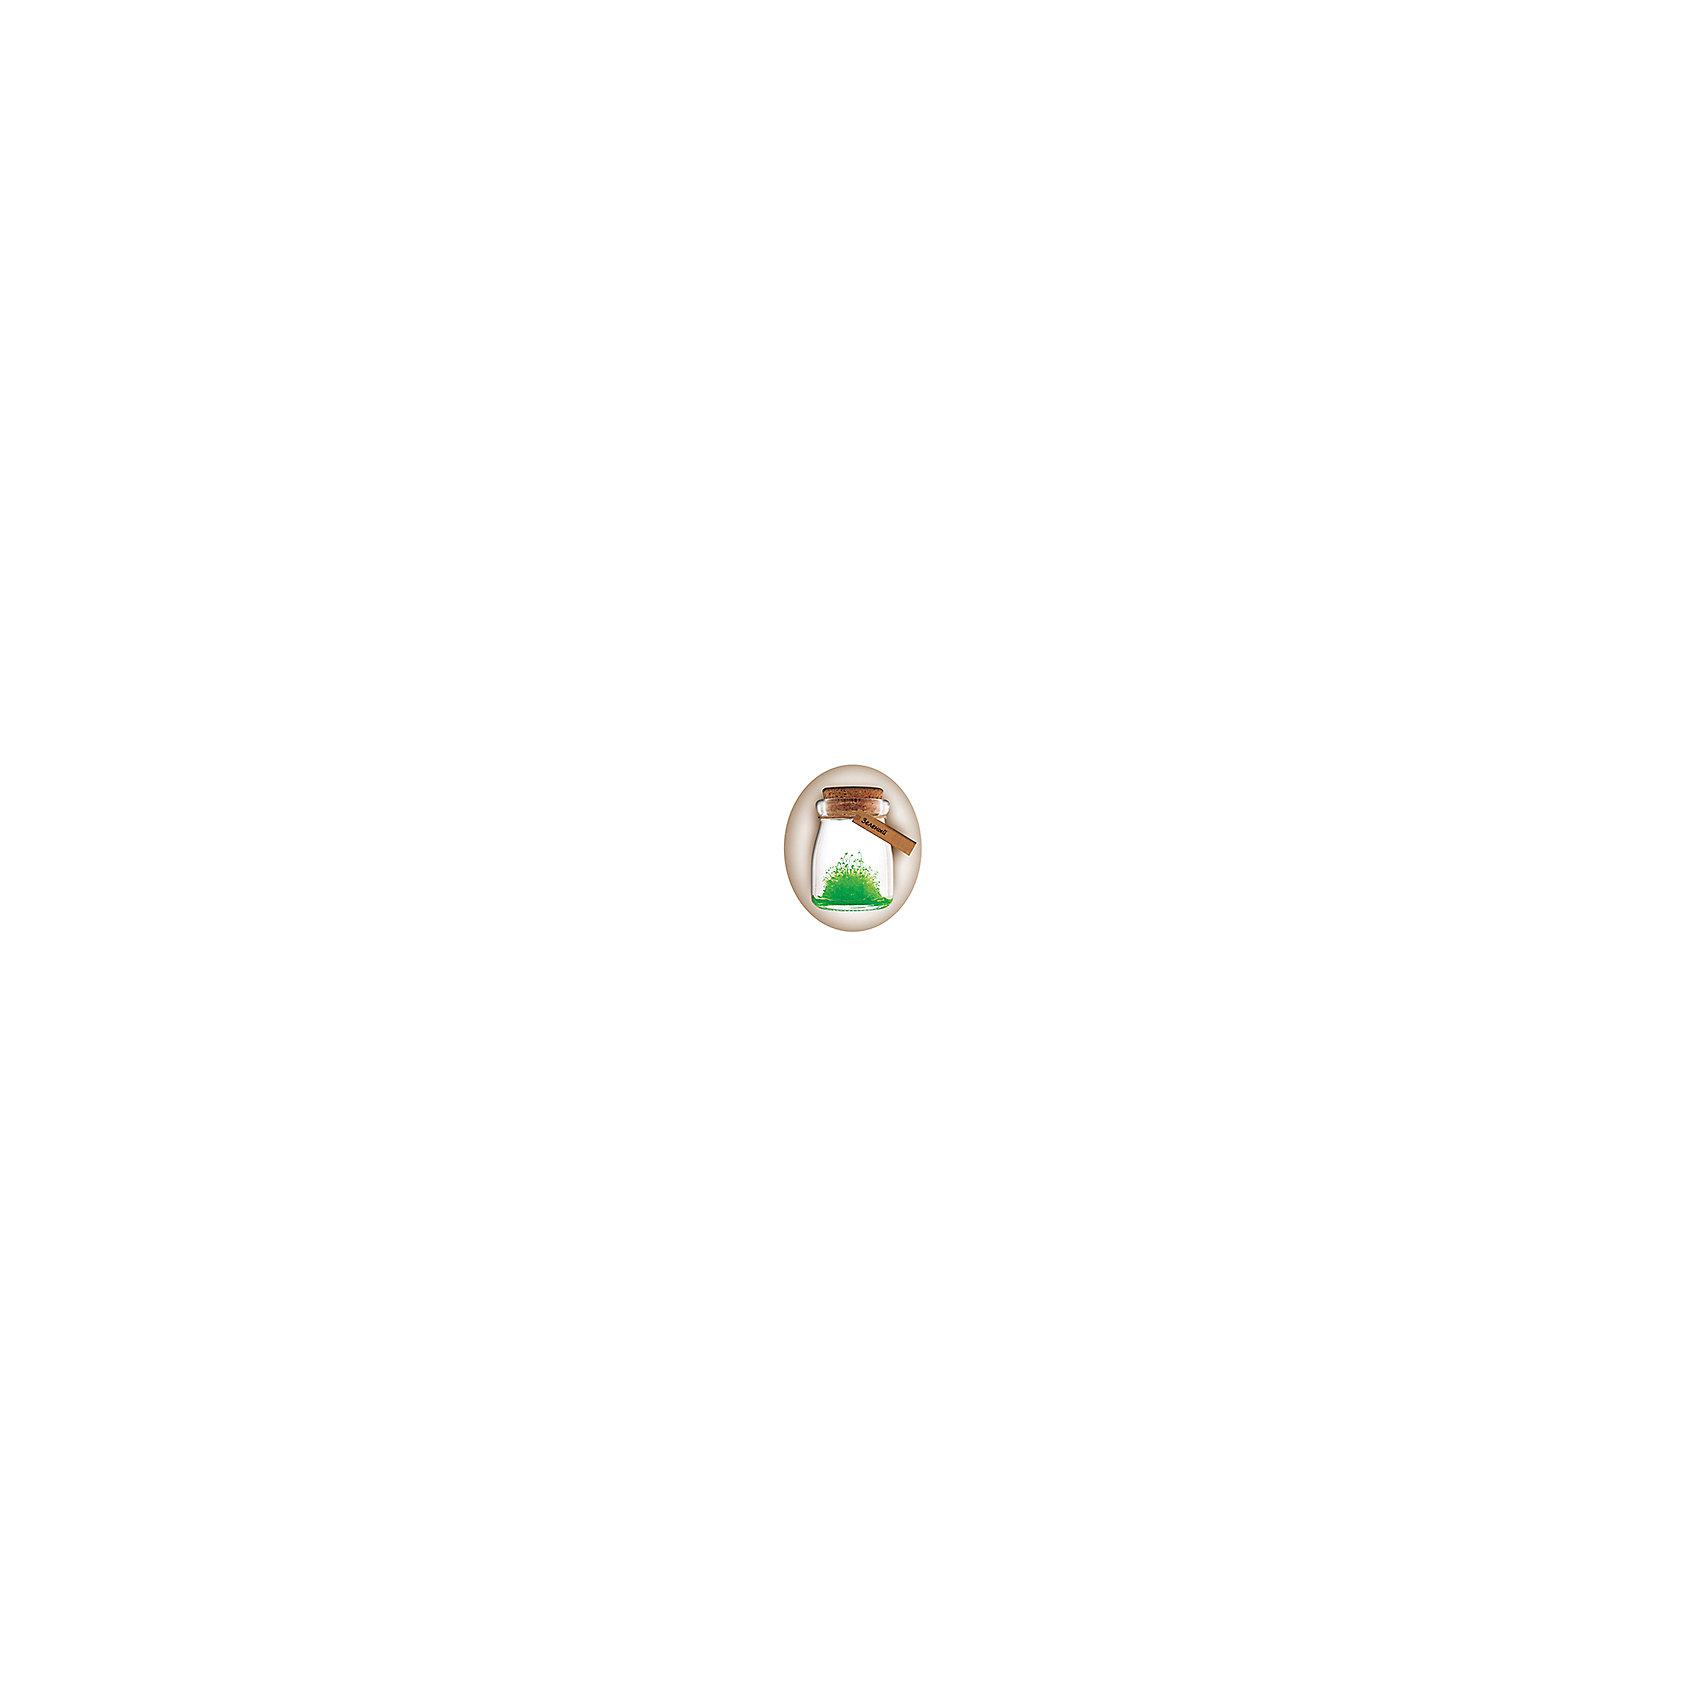 Набор для выращивания кристаллов Удивительный кристалл - Зеленый БумбарамКристаллы<br>Удивительный кристалл - Зеленый, Бумбарам<br><br>Характеристики:<br><br>• прост в использовании<br>• пошаговая инструкция<br>• безопасные материалы<br>• привлекательная упаковка <br>• можно следить за процессом<br>• в наборе: баночка, кристаллический порошок, кристаллическая таблетка, палочка, веревочка, пробка, карточка, инструкция<br>• размер упаковки: 15х8 см<br>• вес: 250 грамм<br>• цвет: синий<br><br>Удивительный кристалл - набор для творчества. Он хорошо развивает усидчивость и внимательность. С его помощью ребенок сможет сделать прекрасный подарок своими руками. Инструкция очень проста: нужно налить воды в баночку, добавить в нее порошок и тщательно перемешать. Затем положить волшебную таблетку и закрыть баночку крышкой. Через несколько часов можно снять крышку. Через 14-20 дней волшебный кристалл готов! Готовая композиция особенно красиво смотрится под лампой. Удивительный кристалл - прекрасный выбор для начинающего алхимика!<br><br>Удивительный кристалл - Зеленый, Бумбарам вы можете приобрести в нашем интернет-магазине.<br><br>Ширина мм: 75<br>Глубина мм: 75<br>Высота мм: 150<br>Вес г: 250<br>Возраст от месяцев: 168<br>Возраст до месяцев: 240<br>Пол: Унисекс<br>Возраст: Детский<br>SKU: 5053953